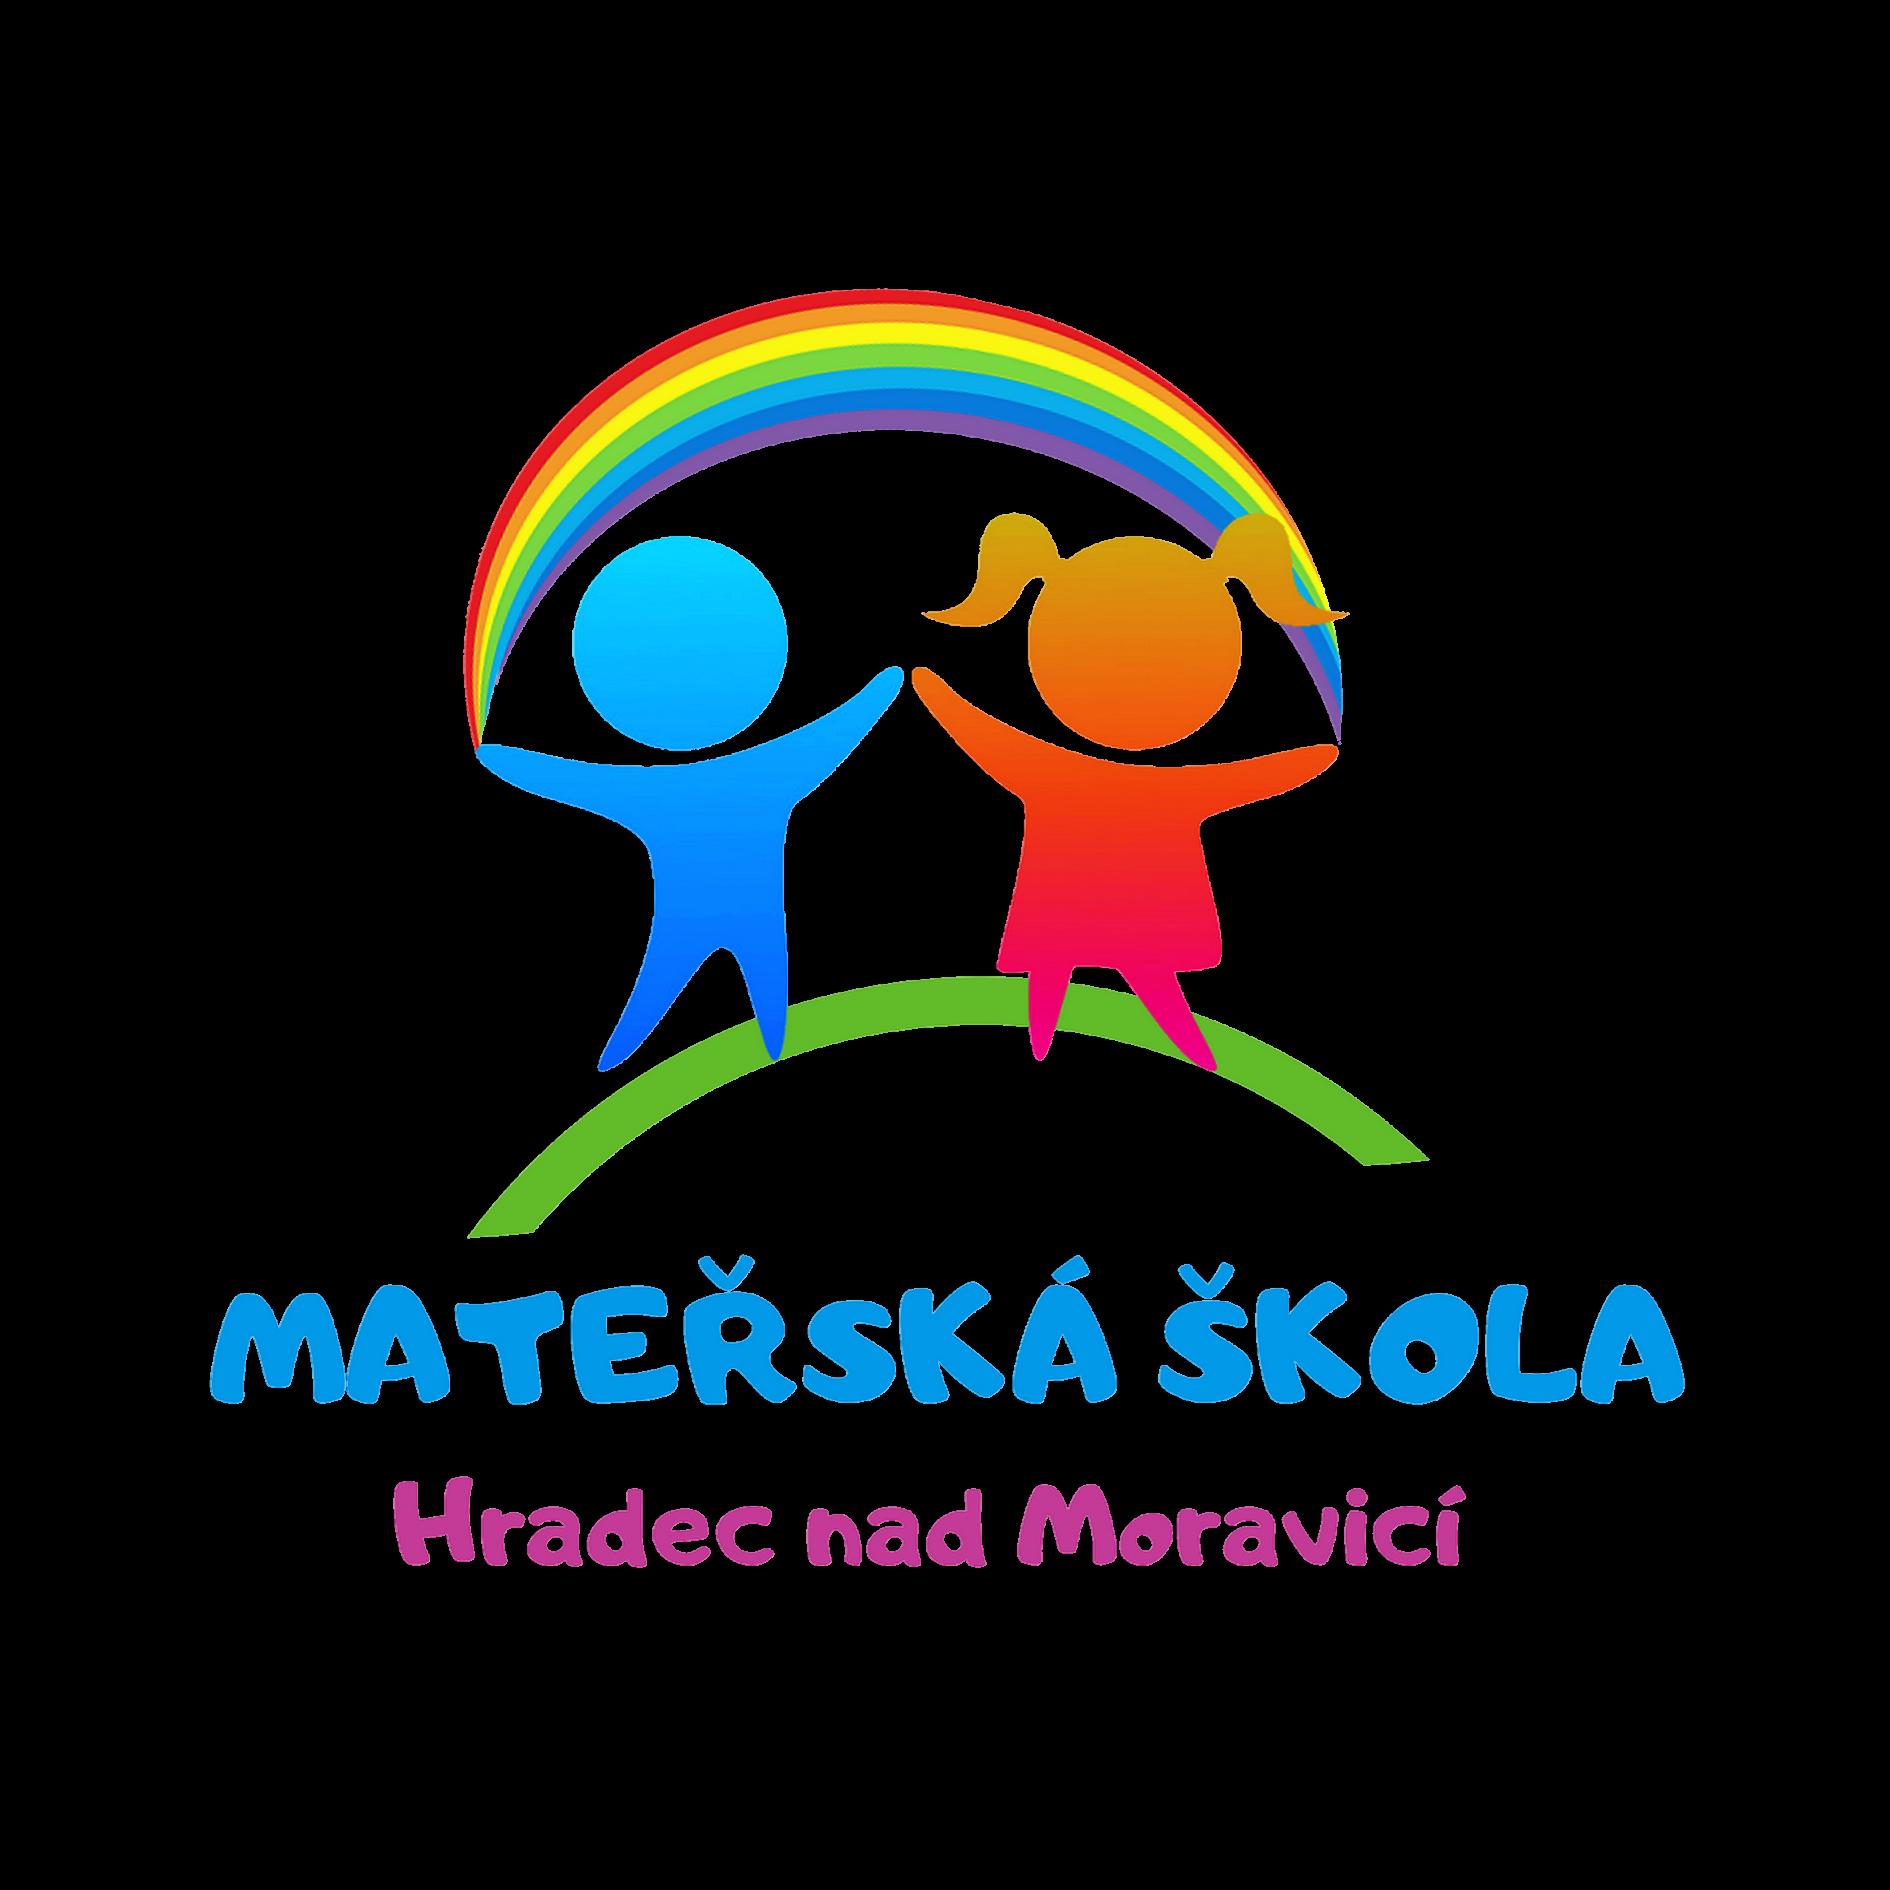 Mateřská škola Hradec nad Moravicí